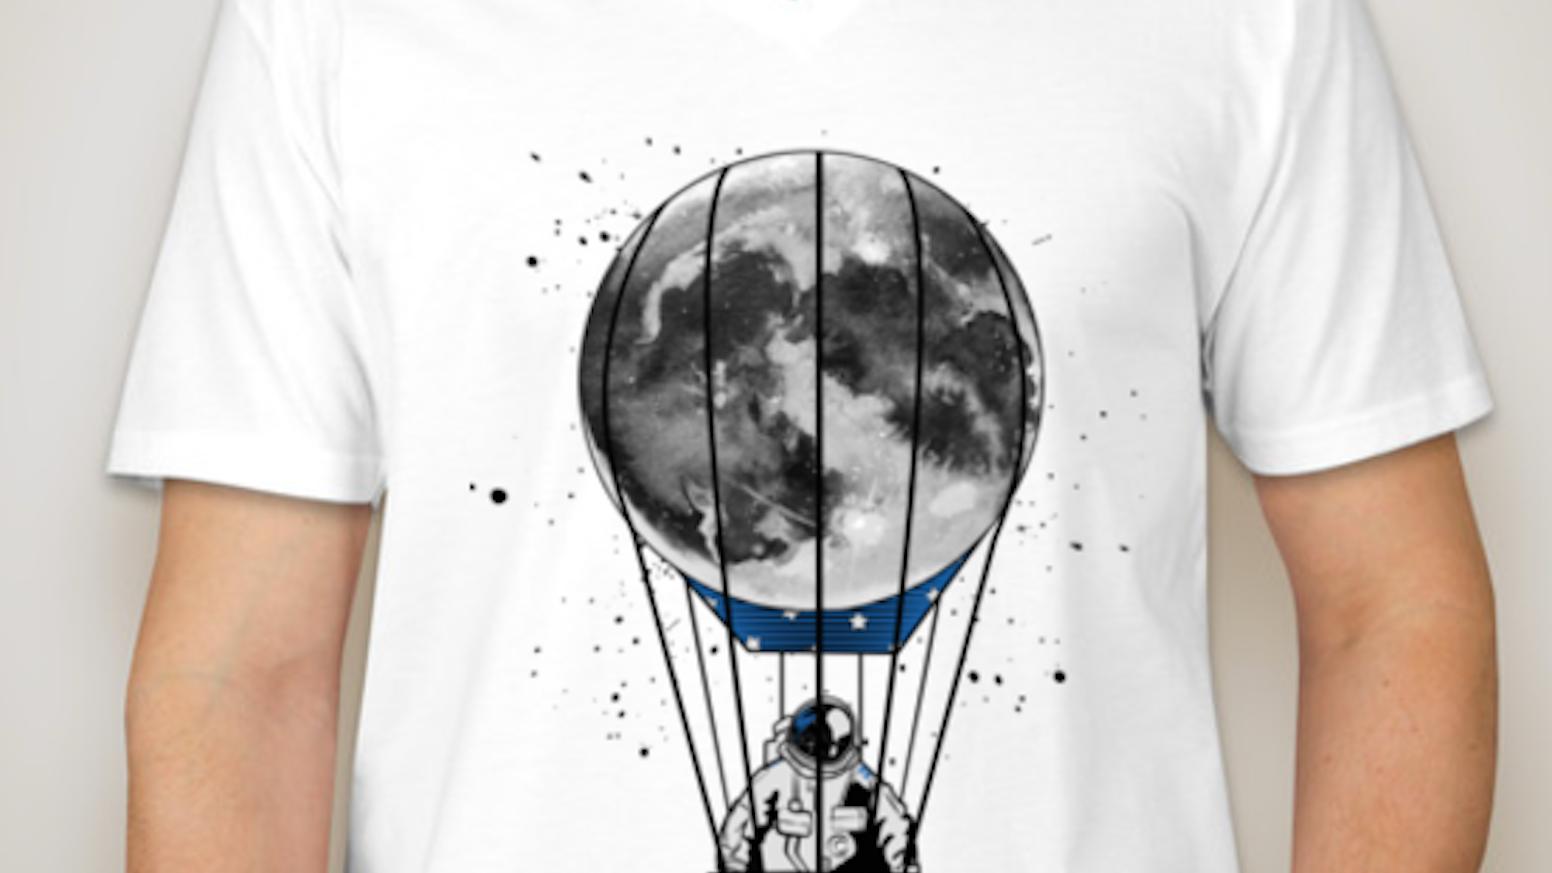 bc0a8bd6e27b3 Astronaut Riding Moon Hot Air Balloon T-shirt campaign by Nancy ...